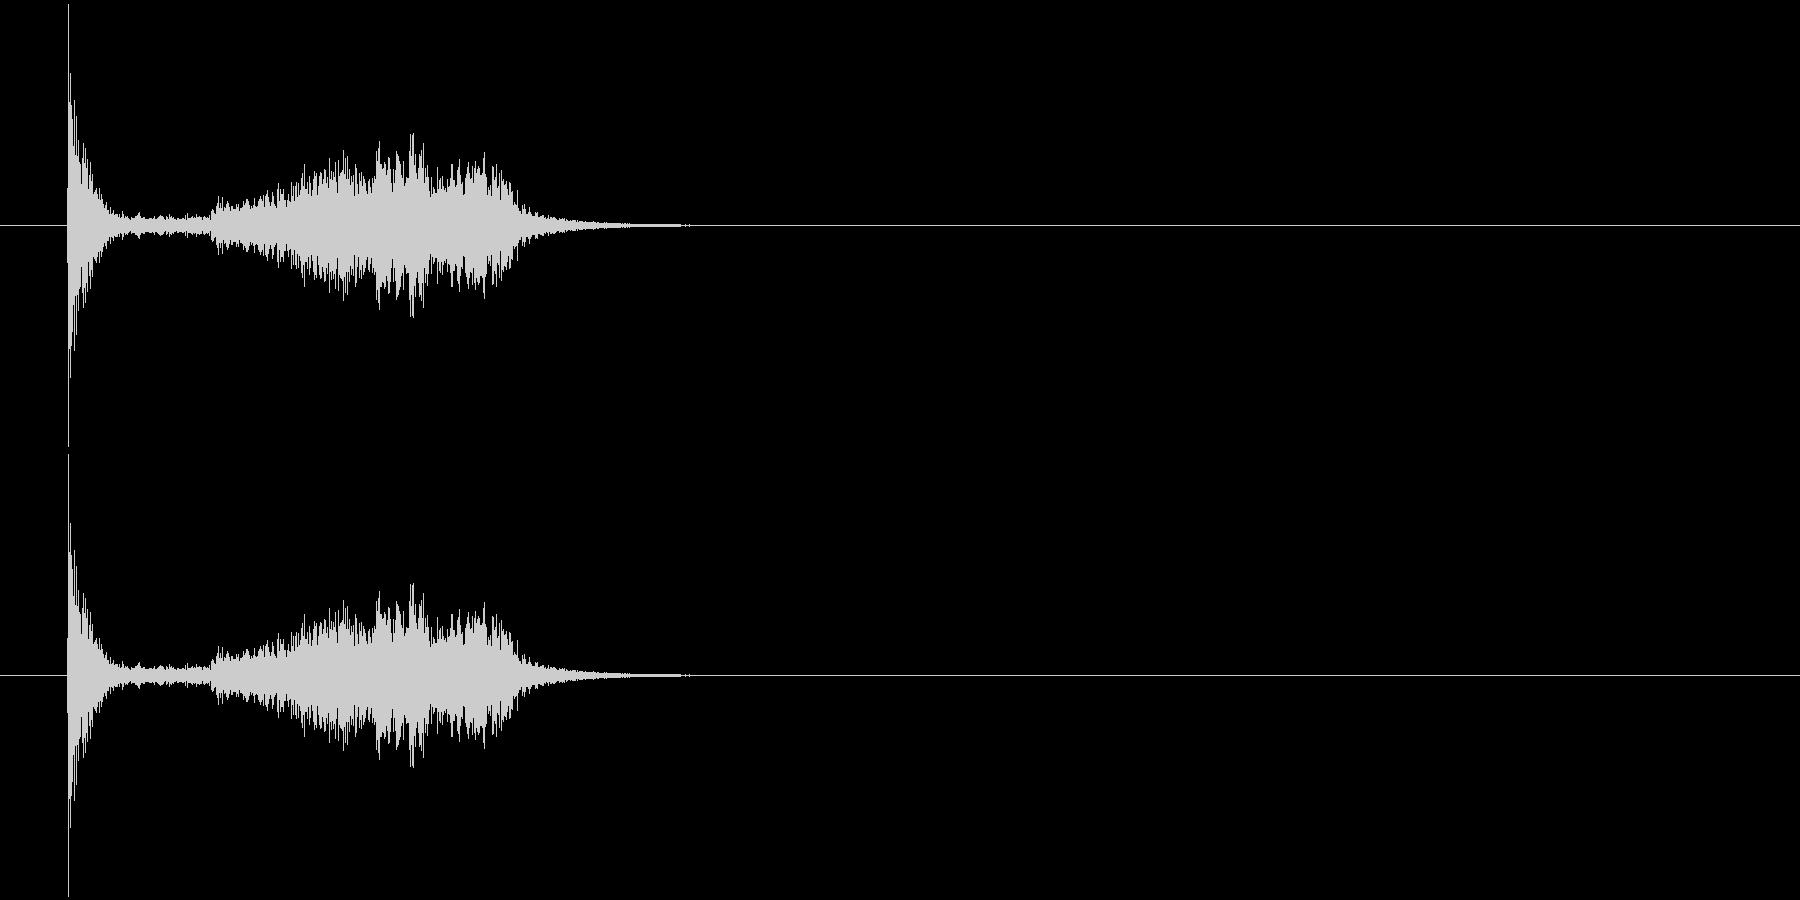 剣 擦る音2の未再生の波形